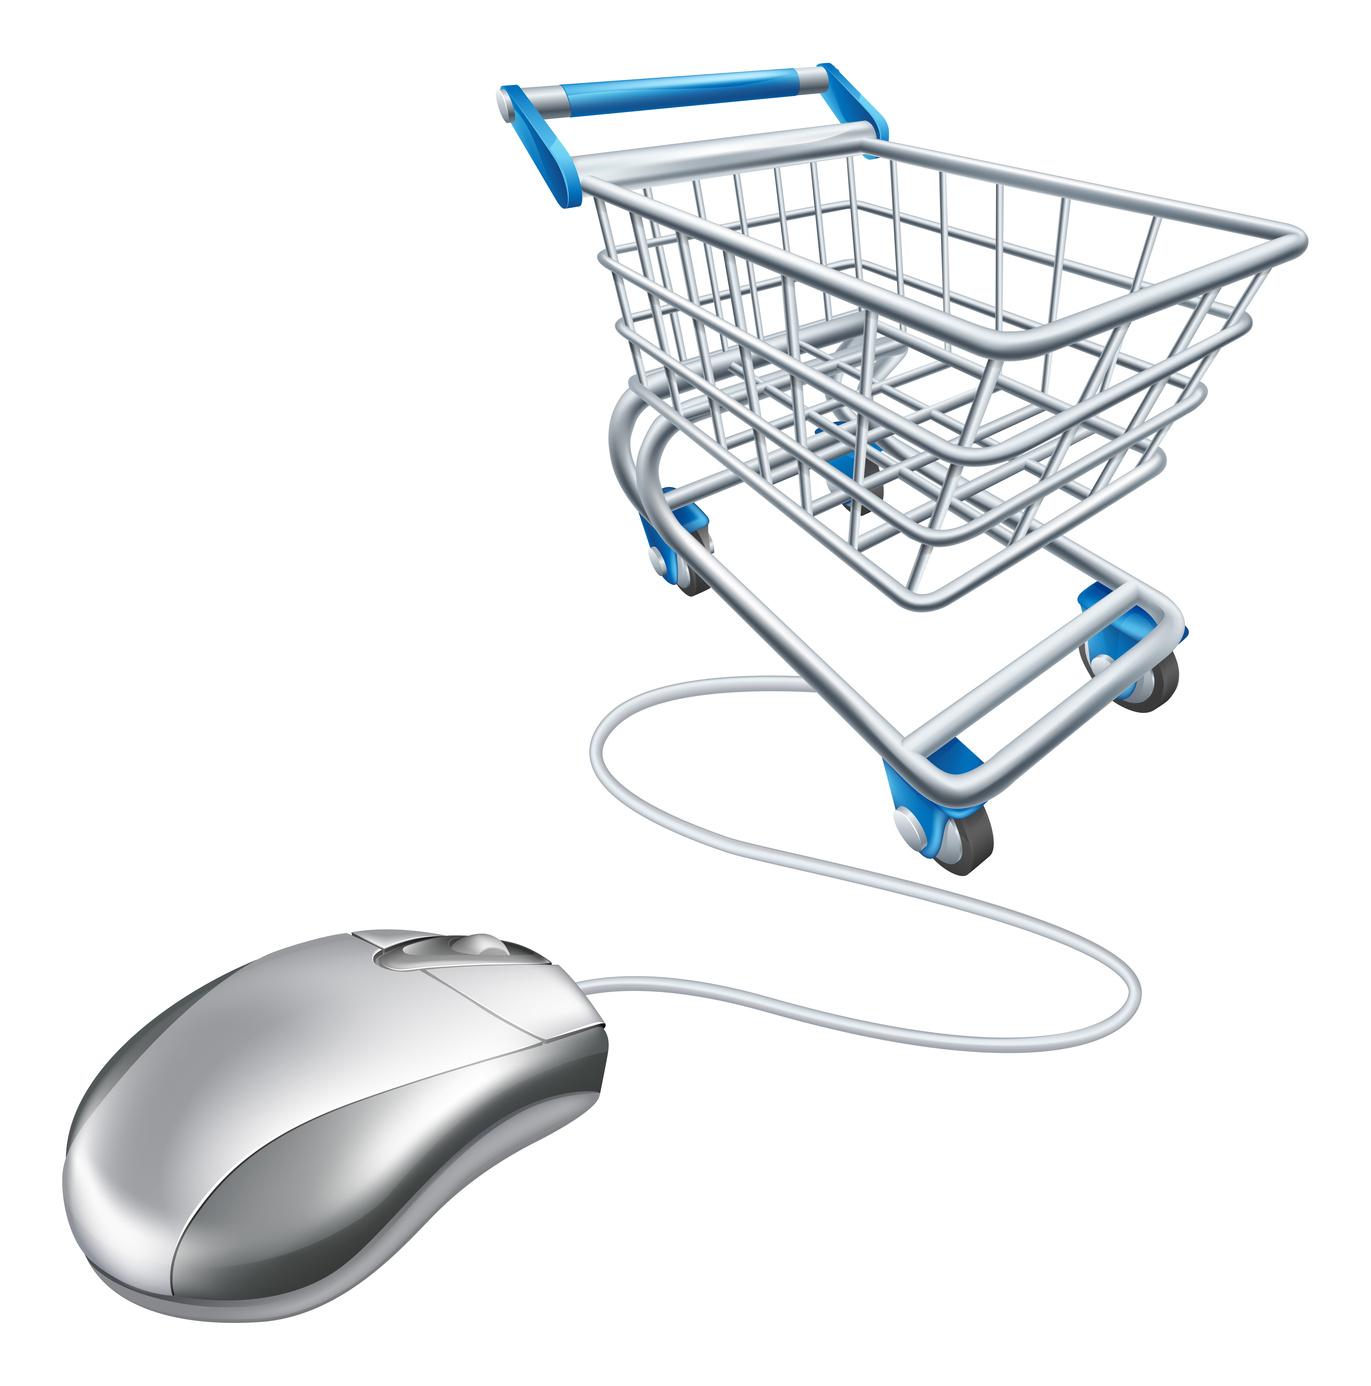 E-handel: klient może zwrócić towar odebrany osobiście